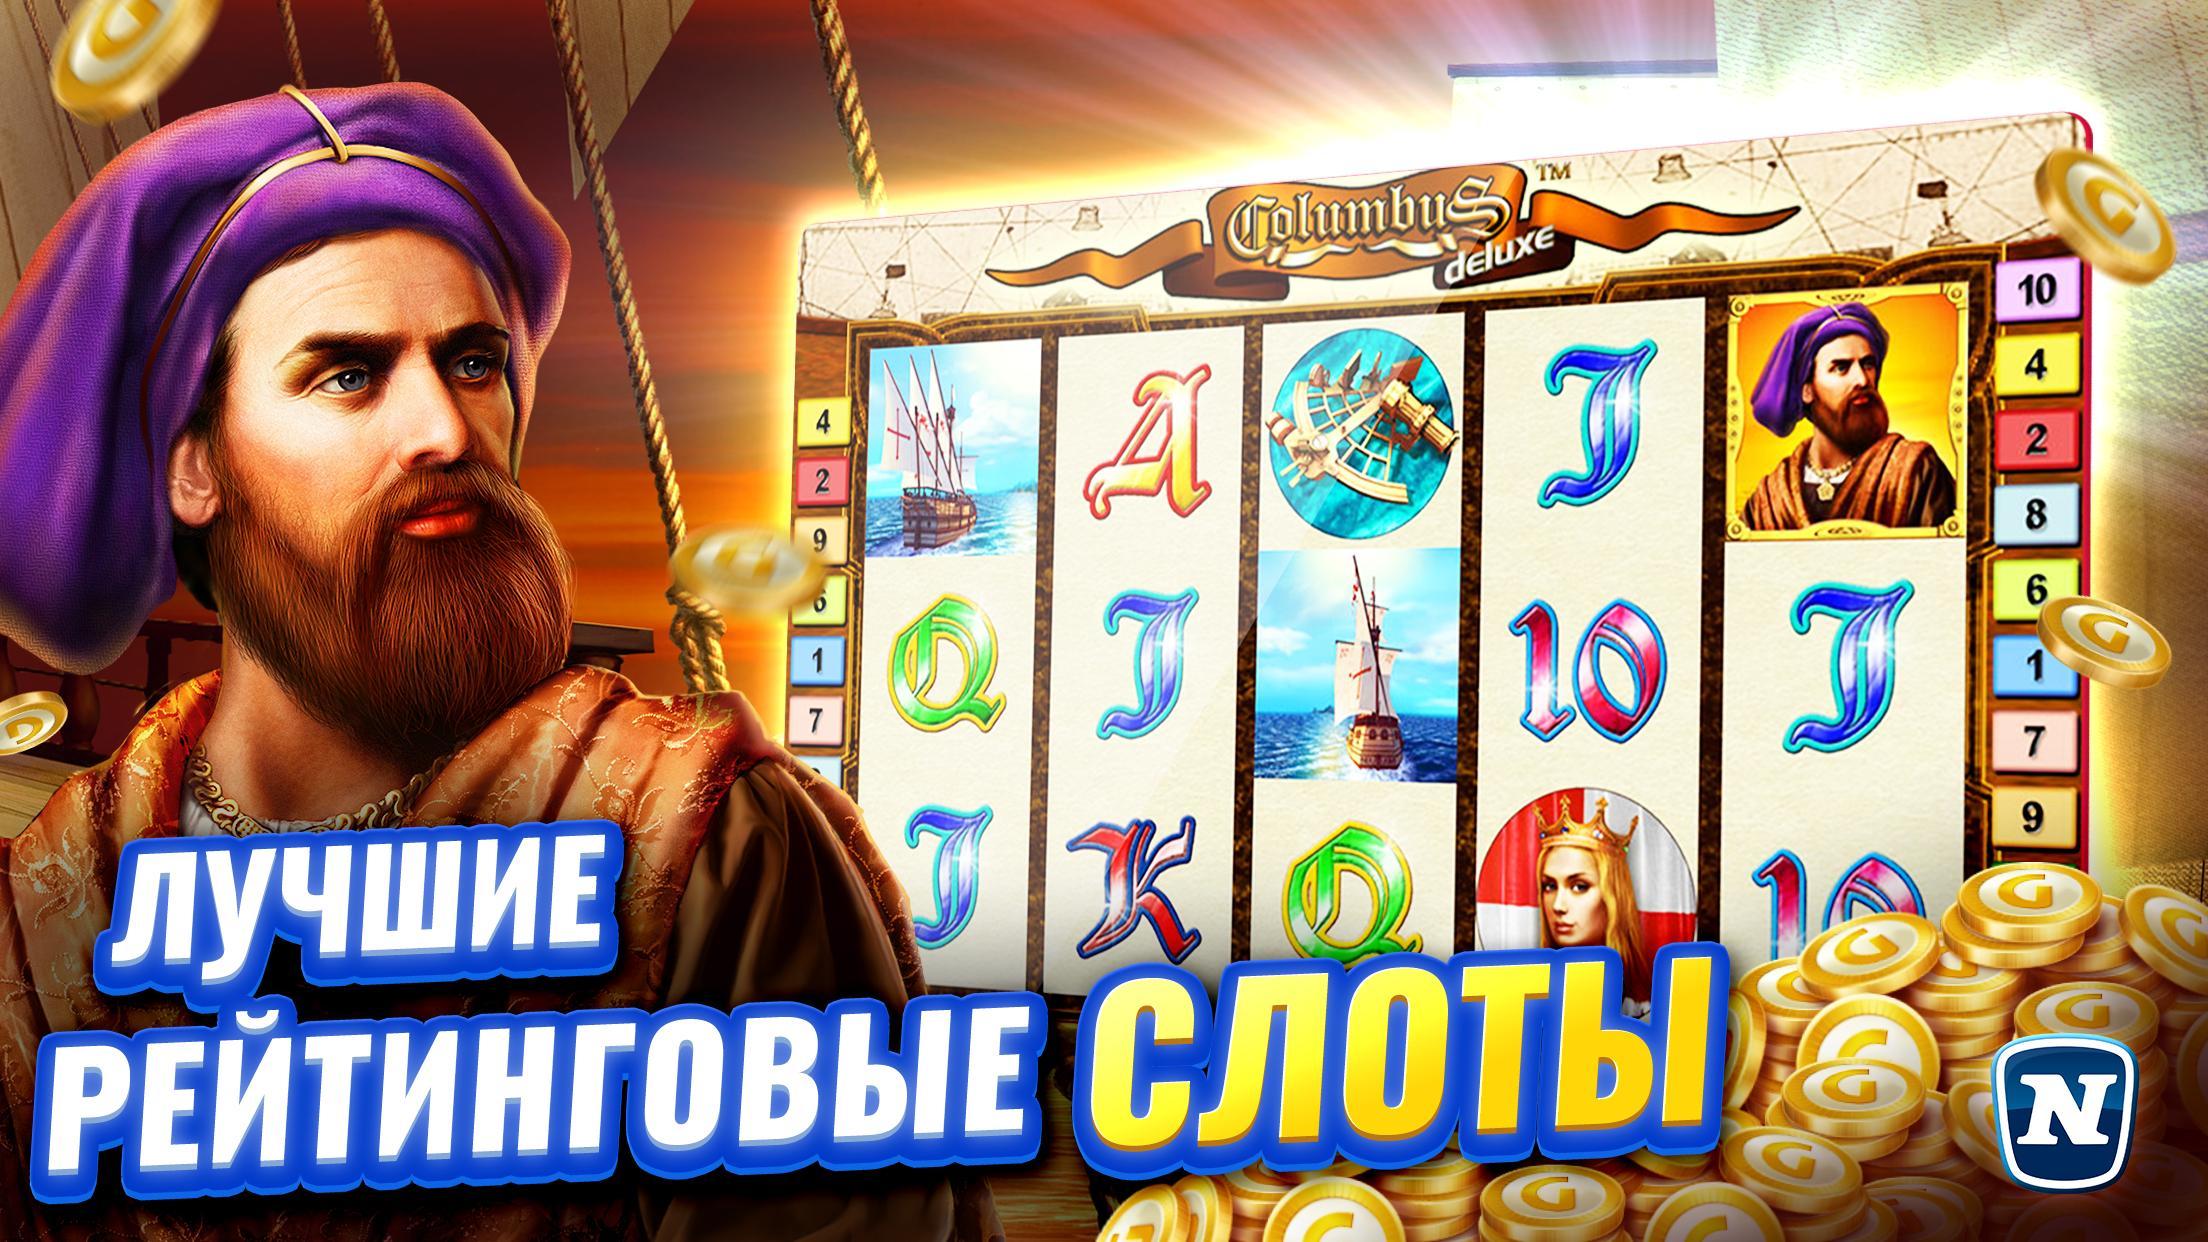 Игровой автомат казино бесплатно как заработать денег в интернет казино